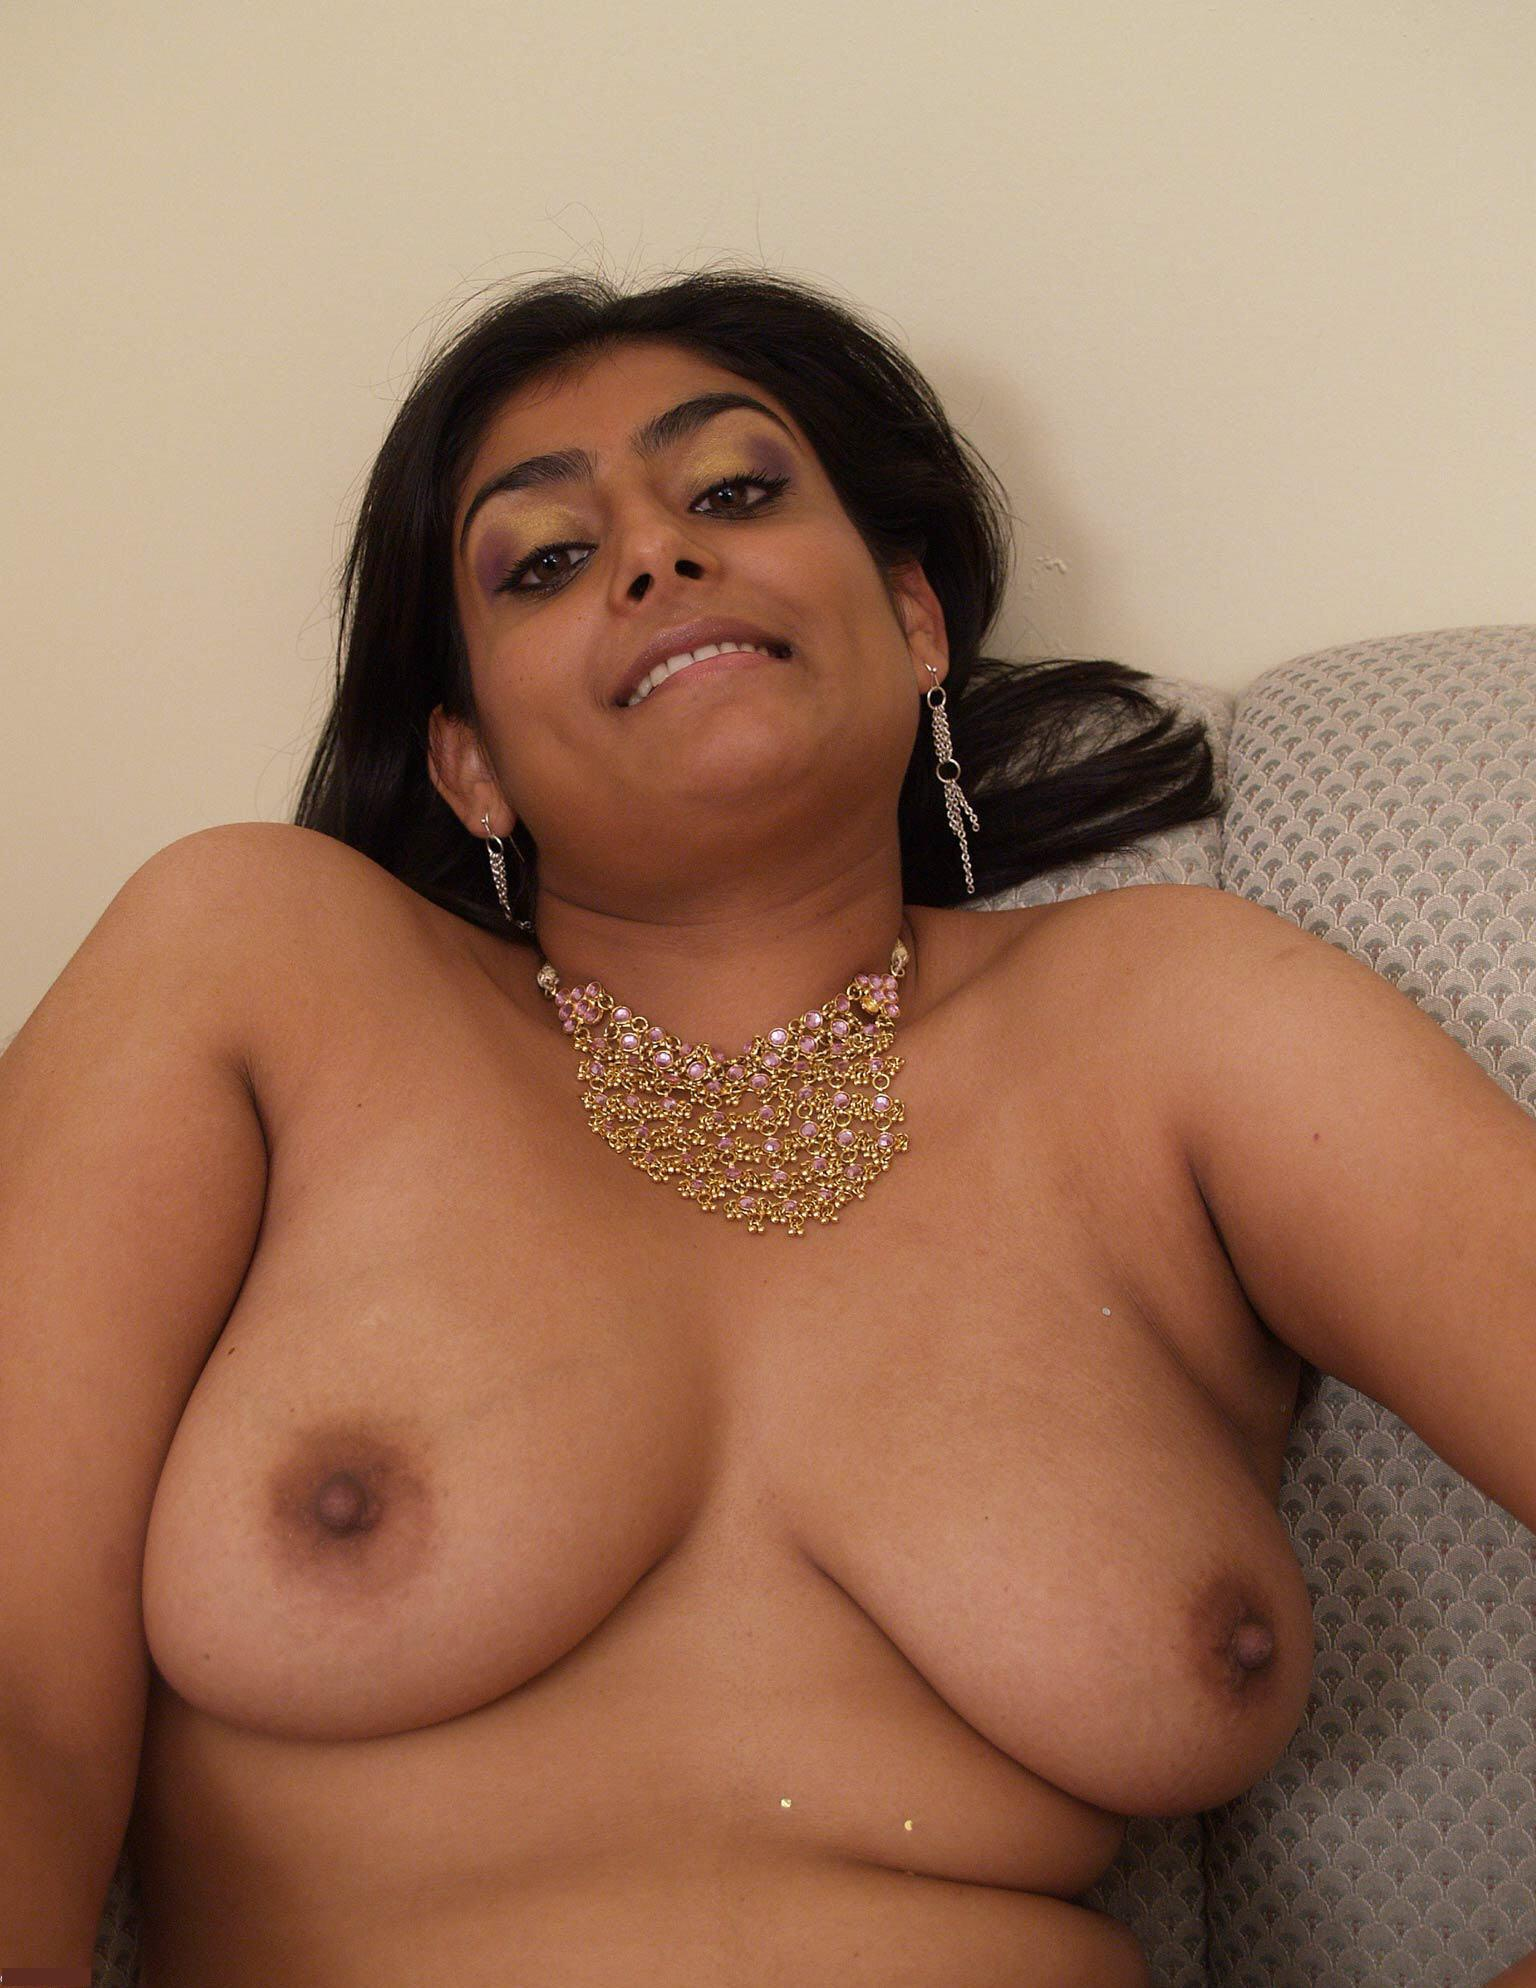 индианки зрелые голые рассказы подруги анальном